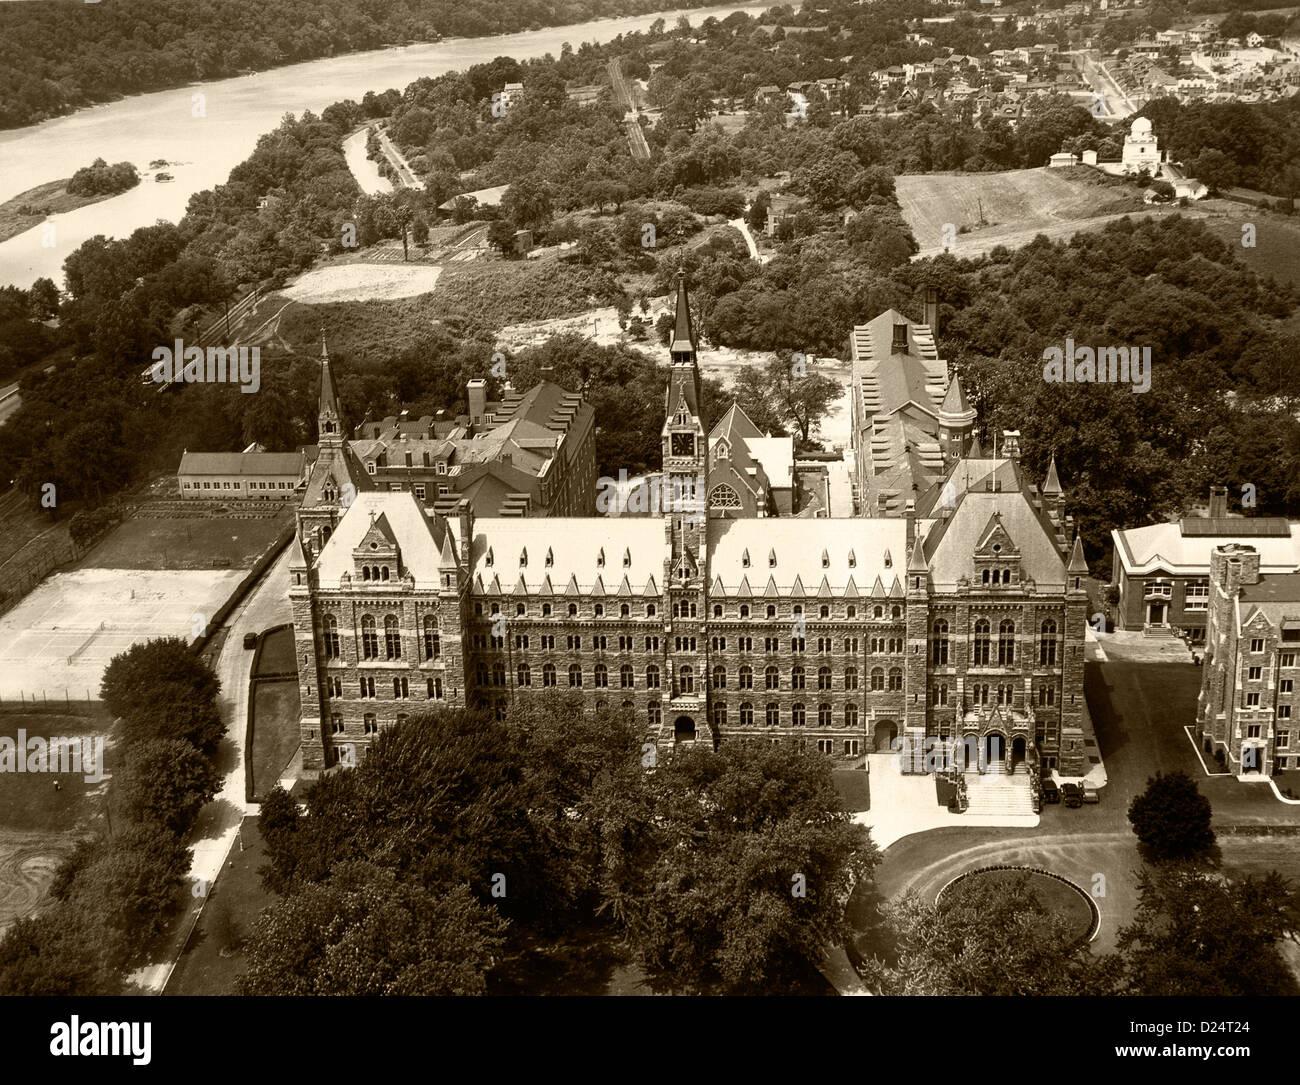 Storico fotografia aerea della Georgetown University di Washington DC, 1931 Immagini Stock